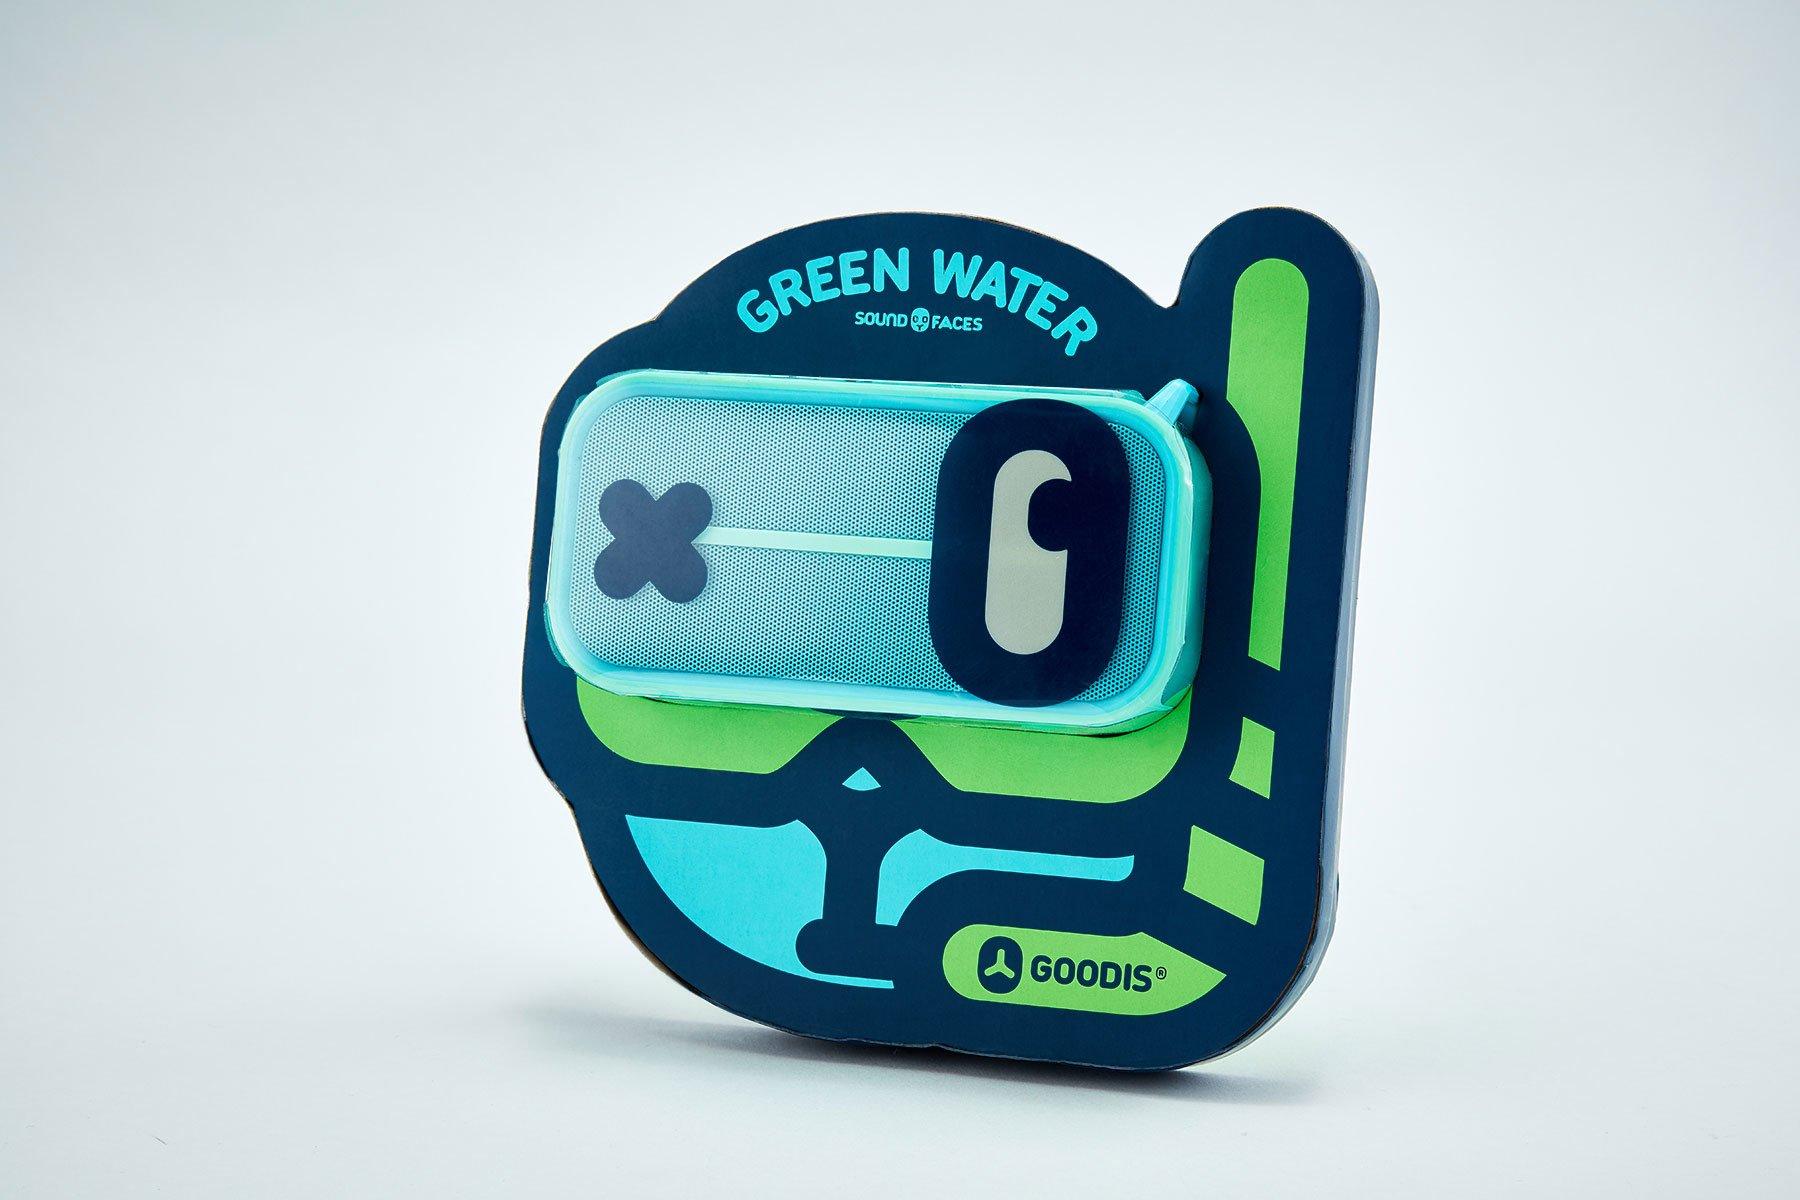 Goodis Green Water